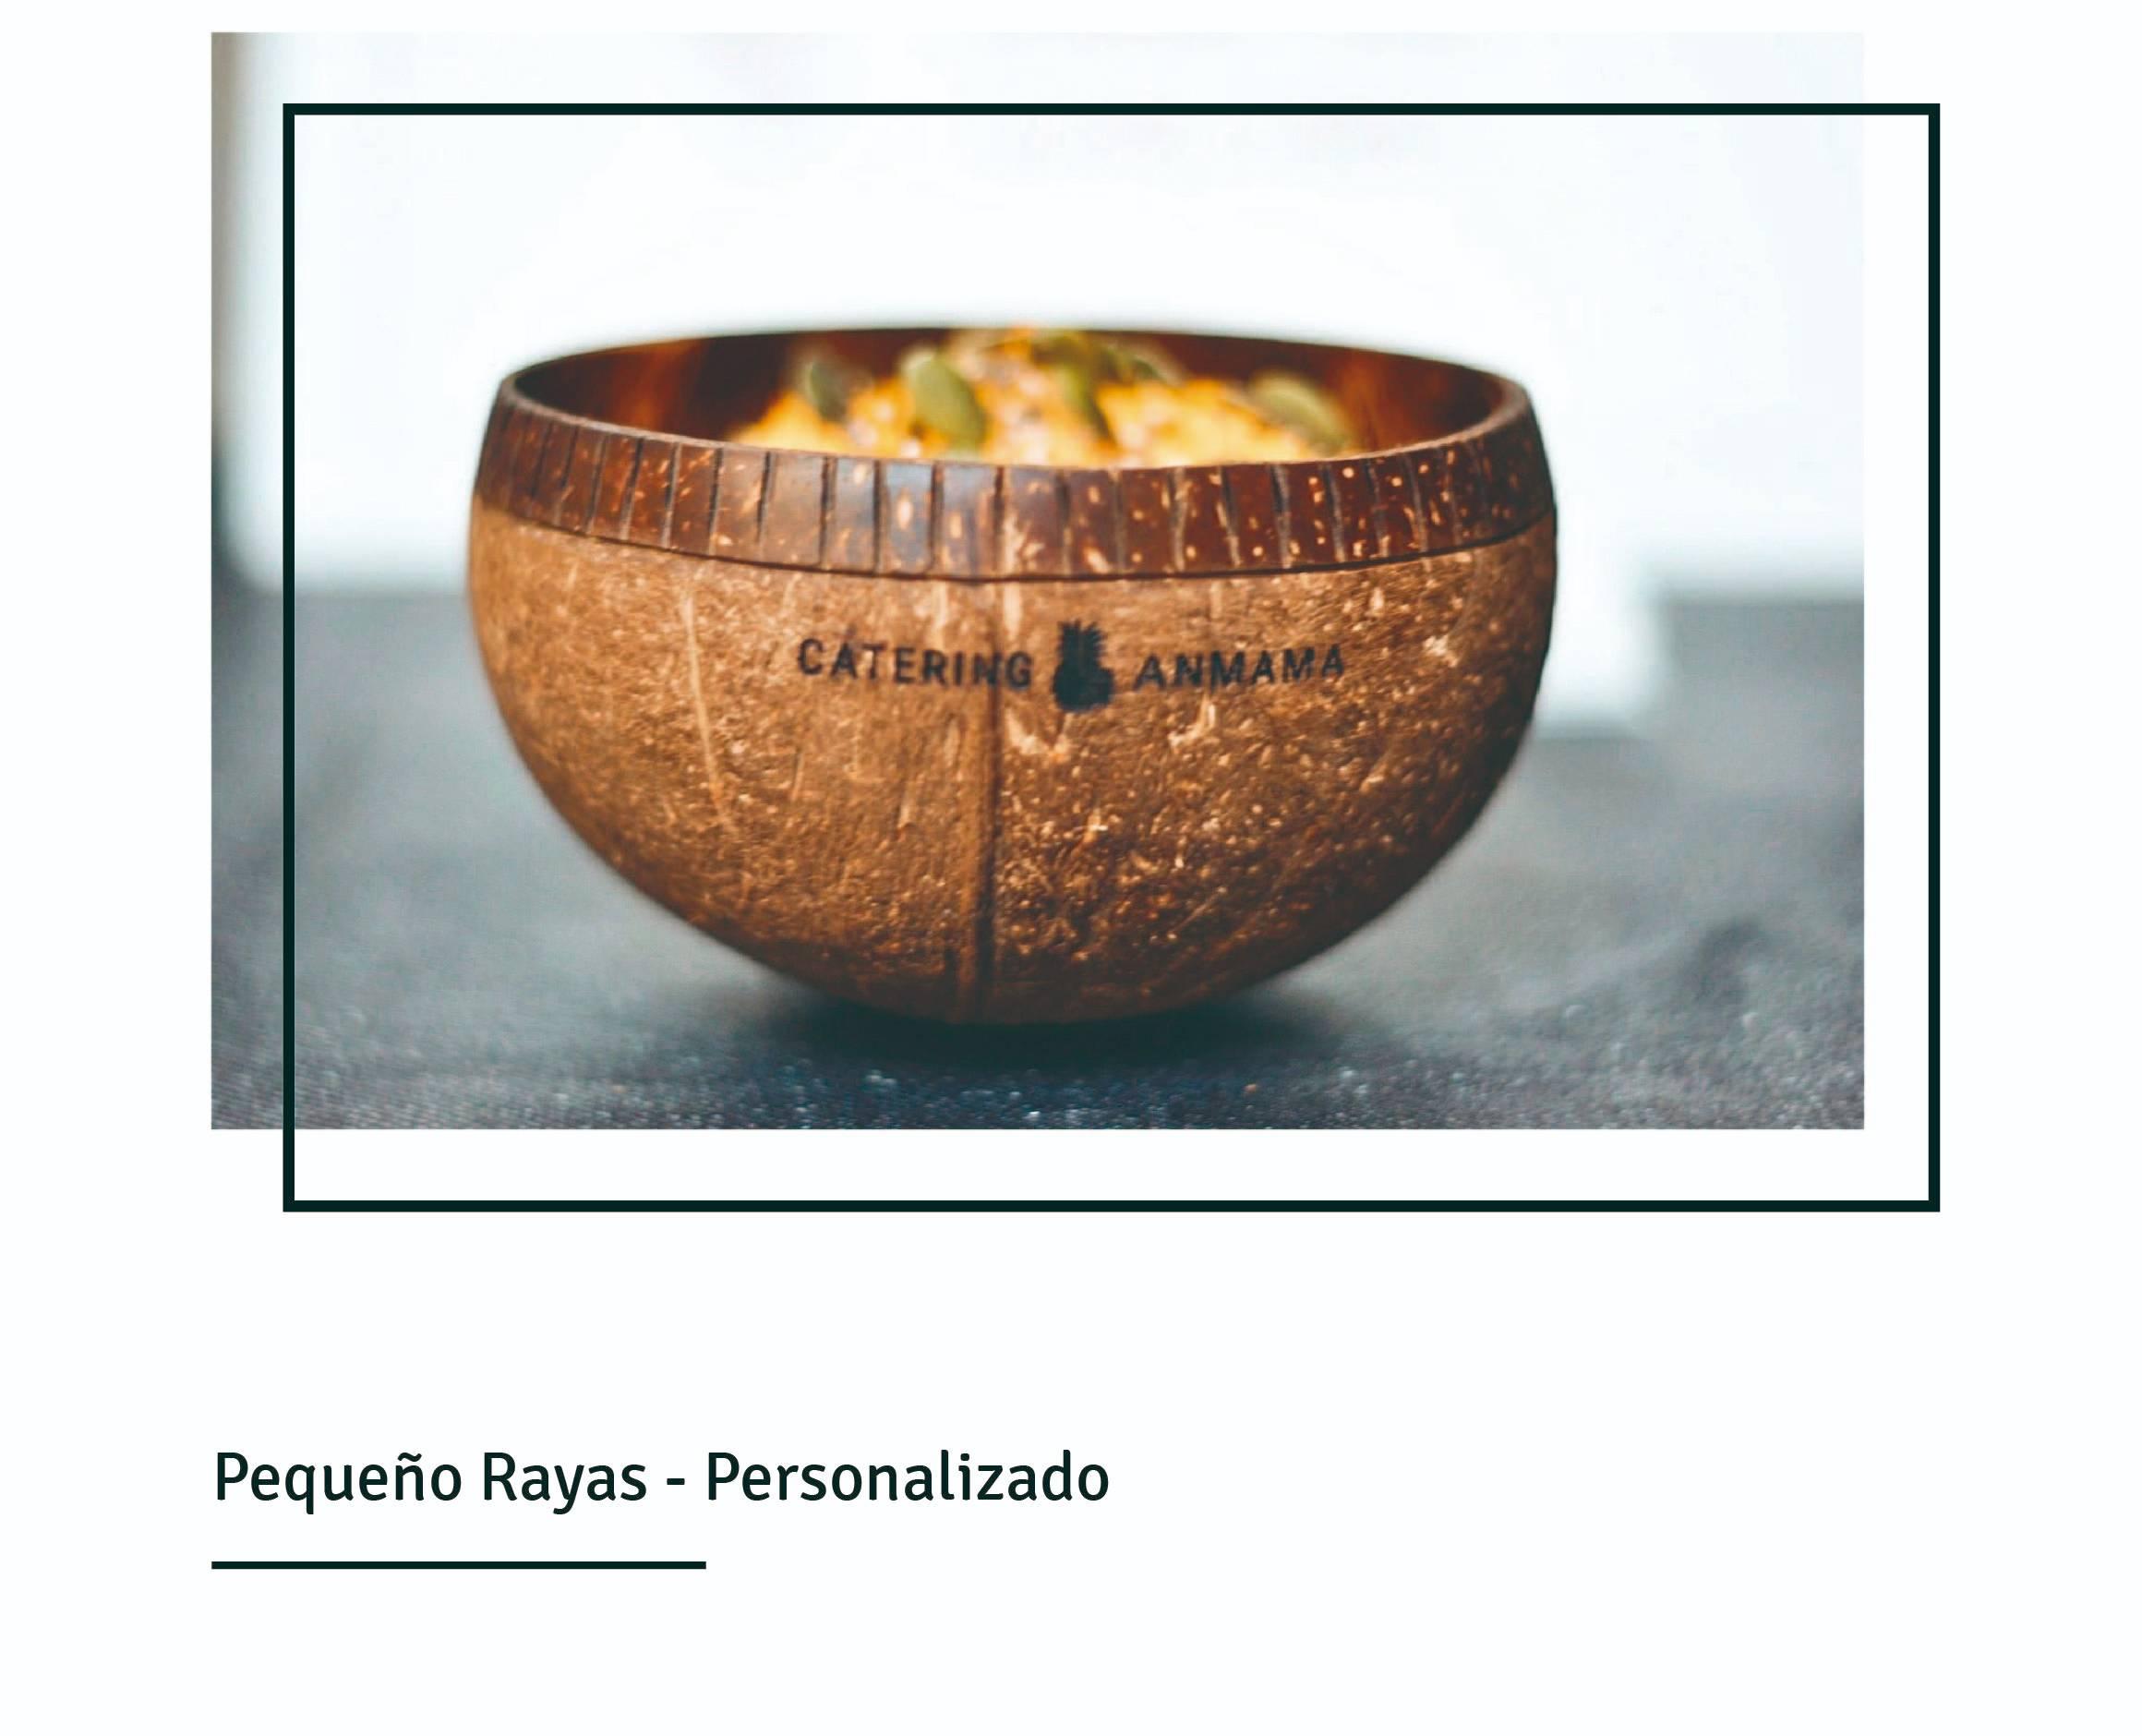 Bowls coco personalizados empresas